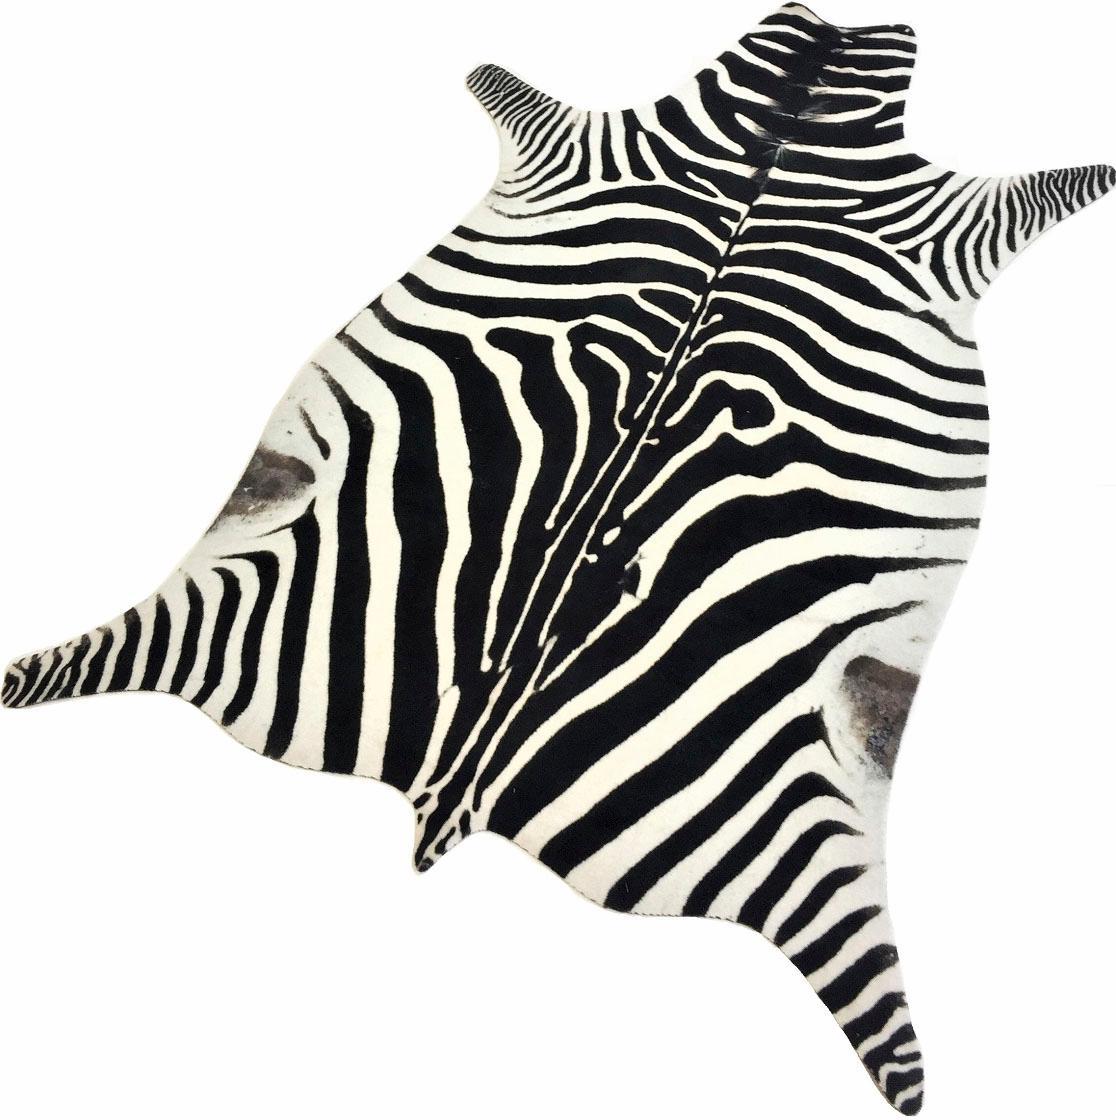 Teppich Zebra Look Living Line tierfellförmig Höhe 7 mm maschinell getuftet